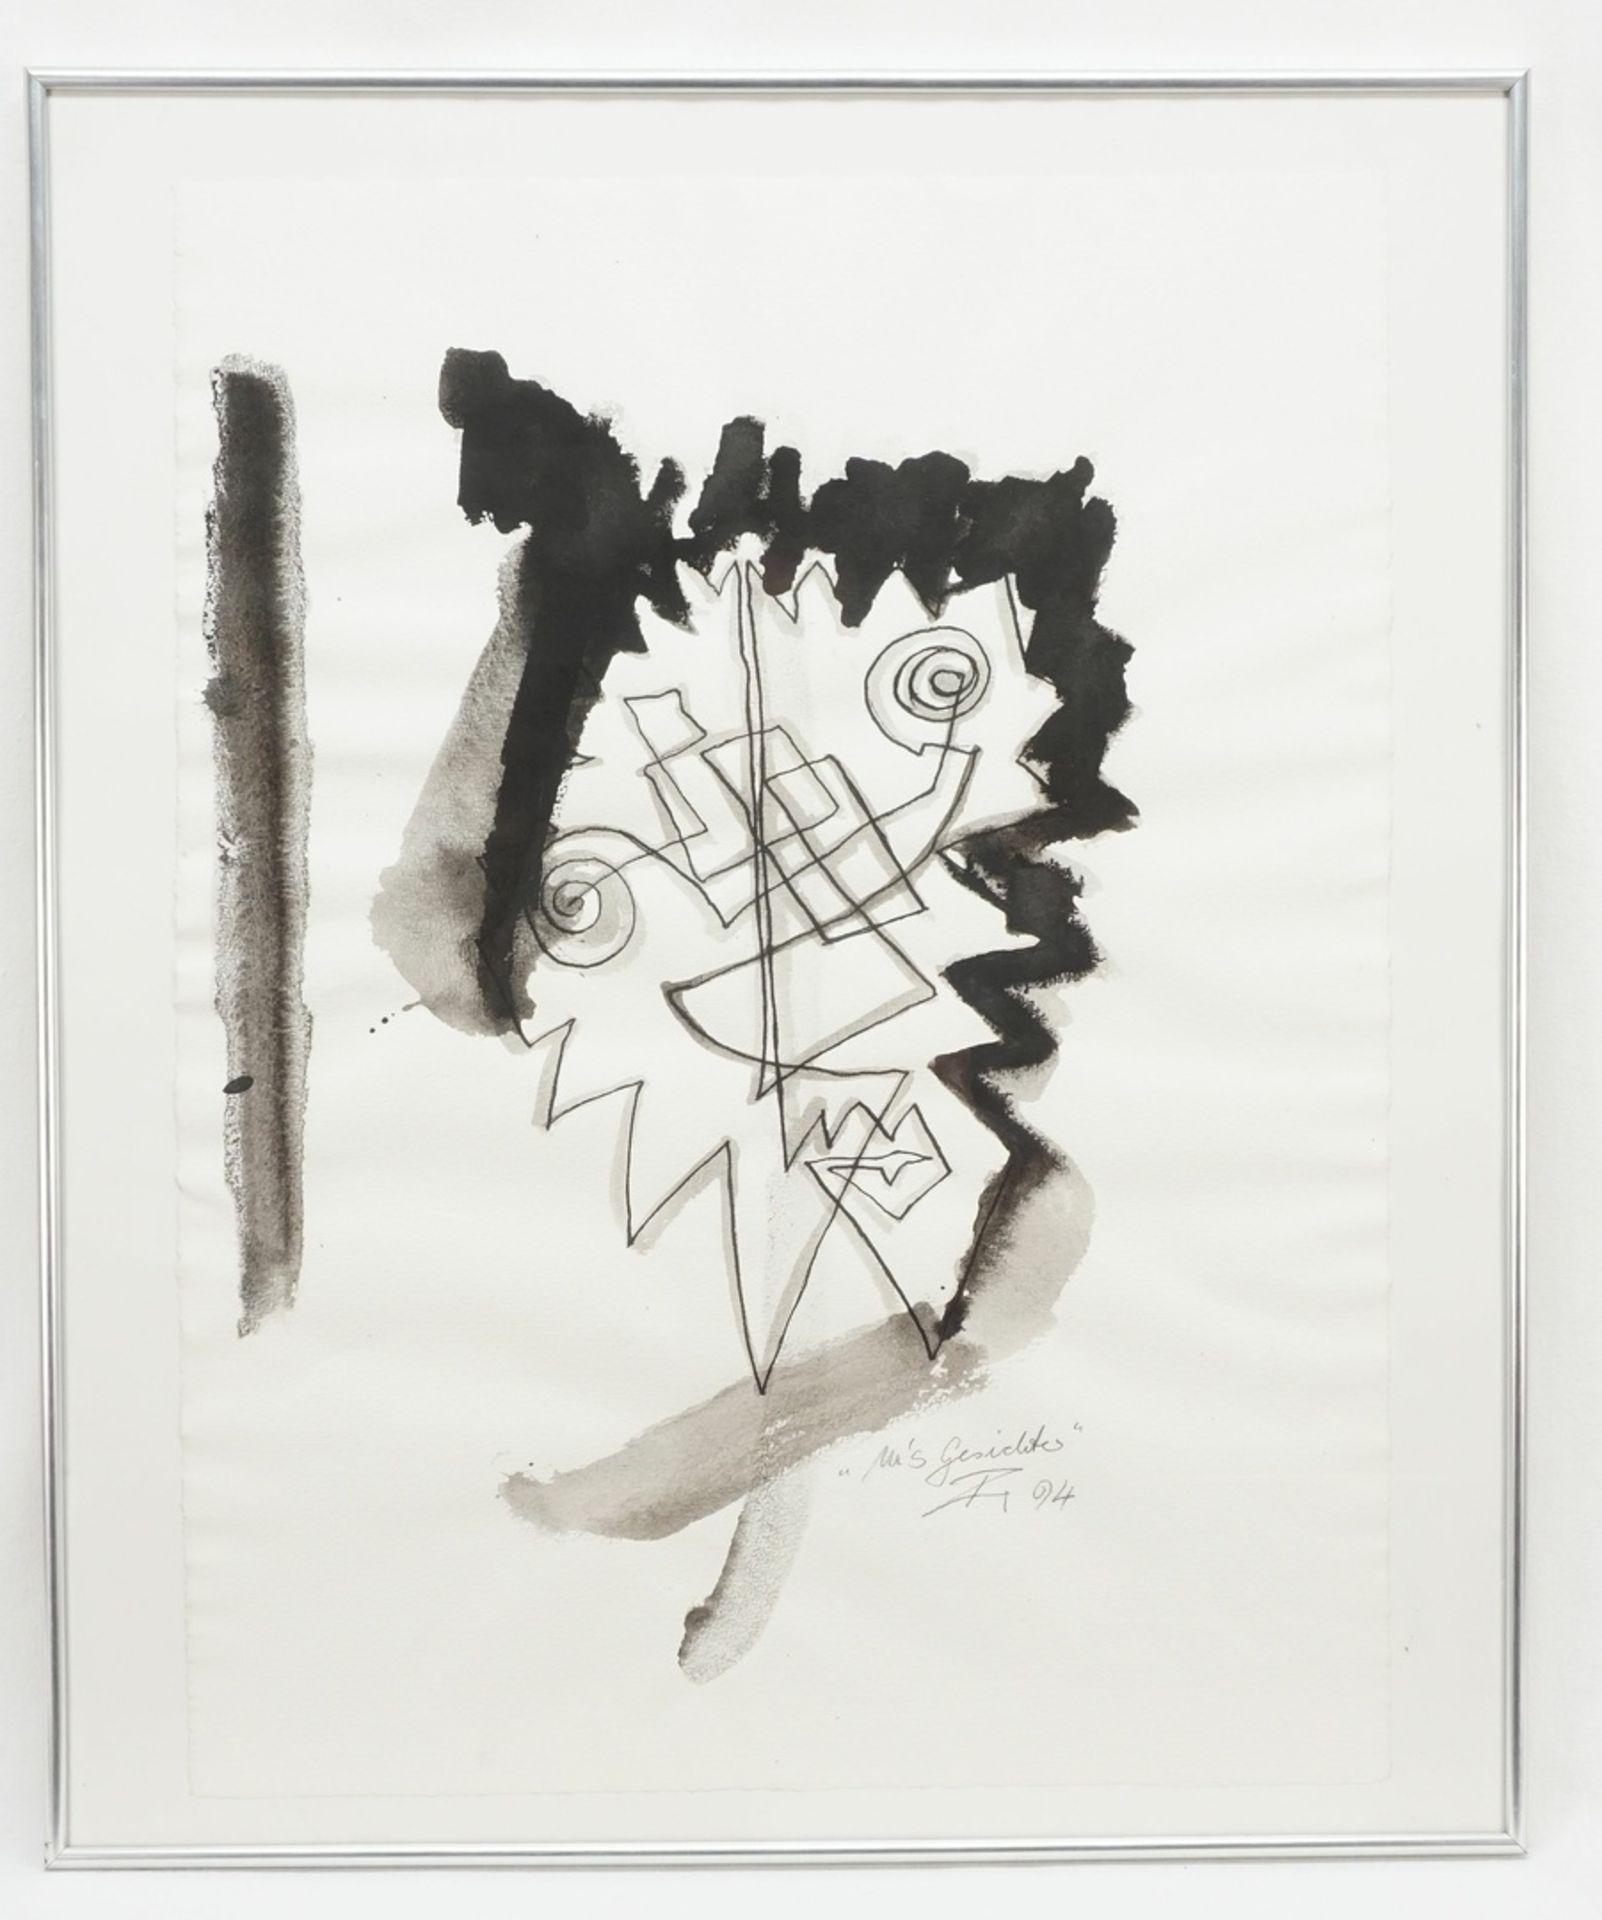 """Künstler der Moderne, """"M's Gesichter"""" - Bild 2 aus 3"""